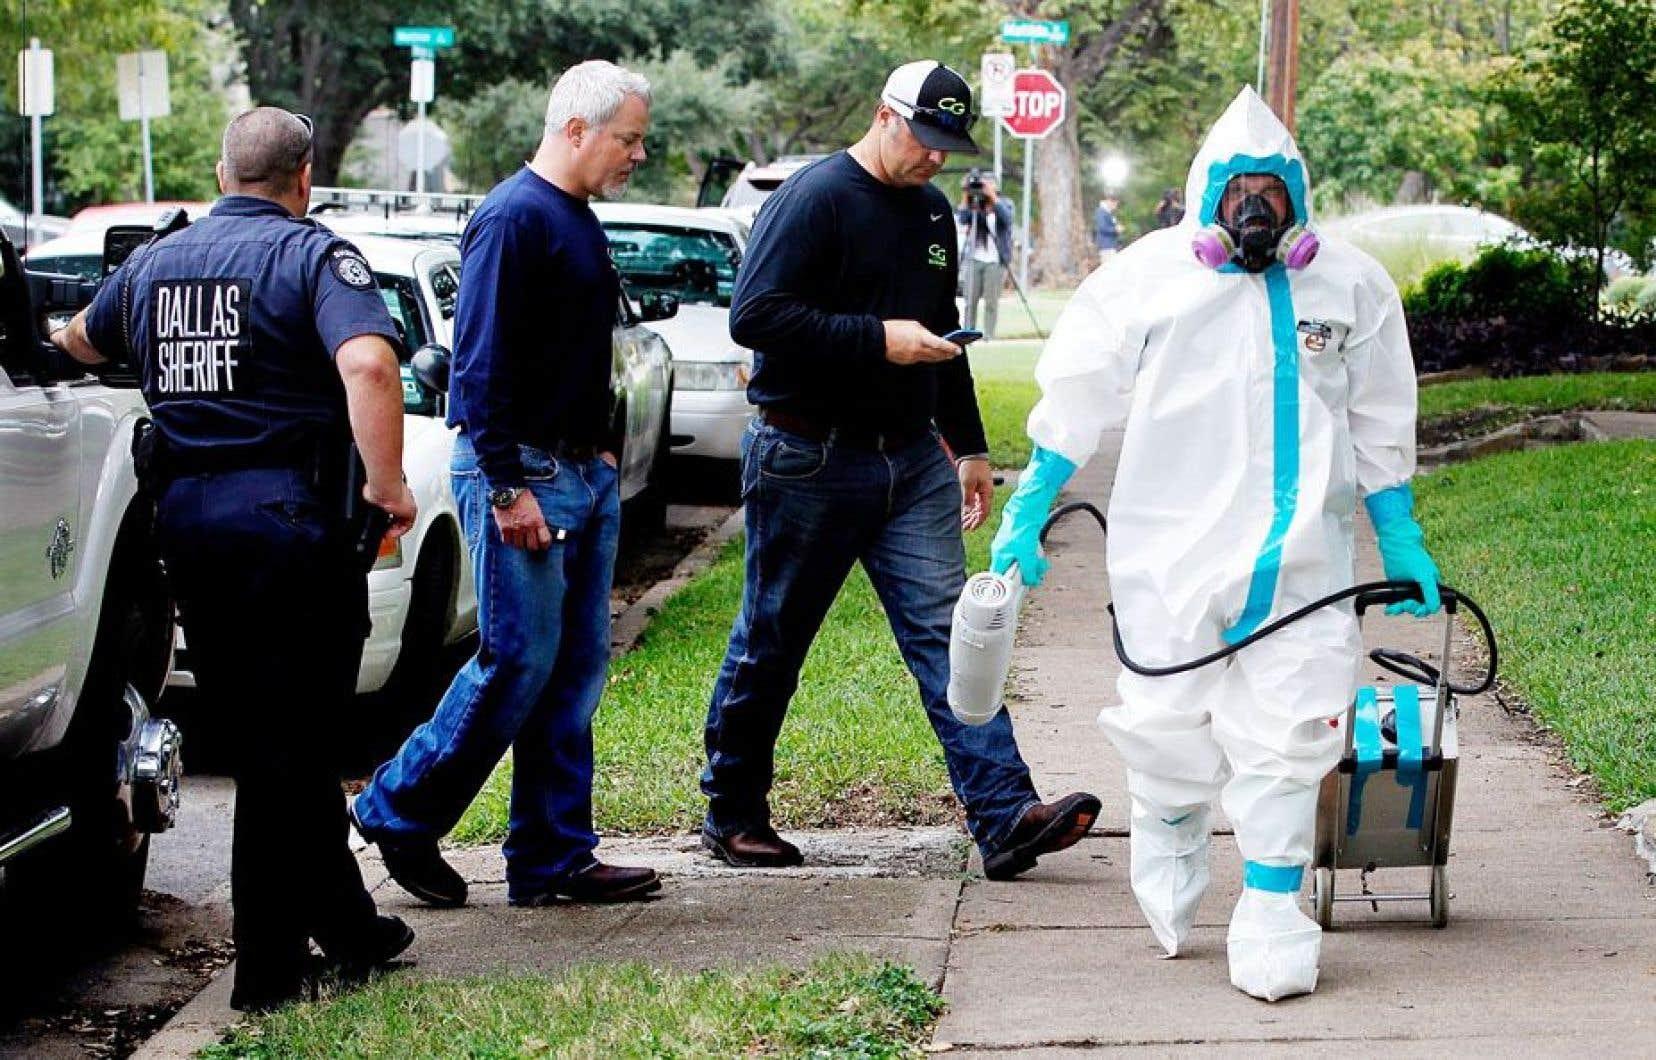 Dans la crise de l'Ebola, la surabondance d'informations embrouille au lieu d'éclairer.